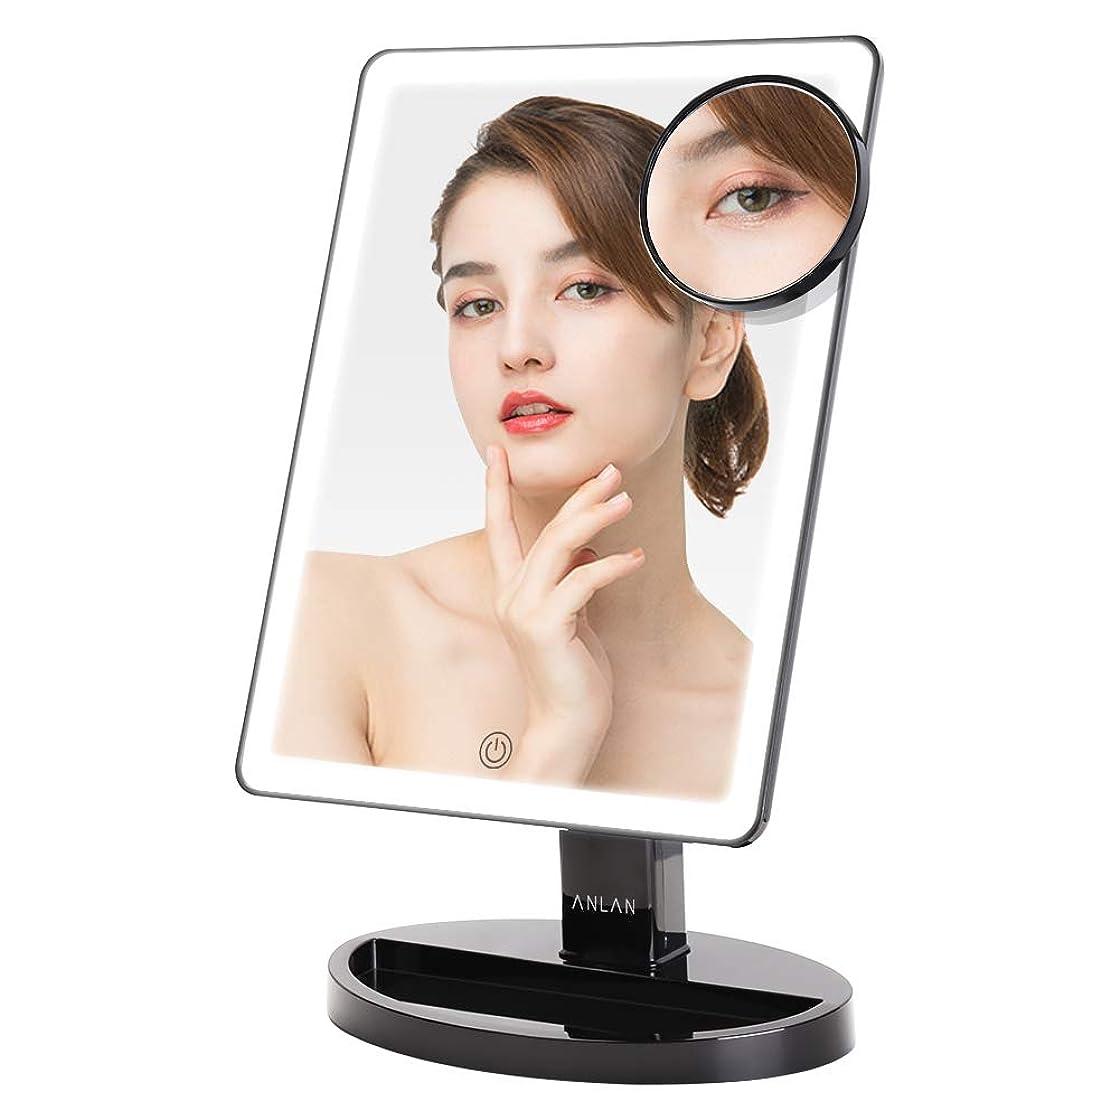 市民刈り取るサイトライン卓上鏡 LED化粧鏡 ANLAN 女優ミラー 10倍拡大鏡付き スタンド 明るさ調節可能 360°回転式 前後180°無階段調整 USB/単三電池給電